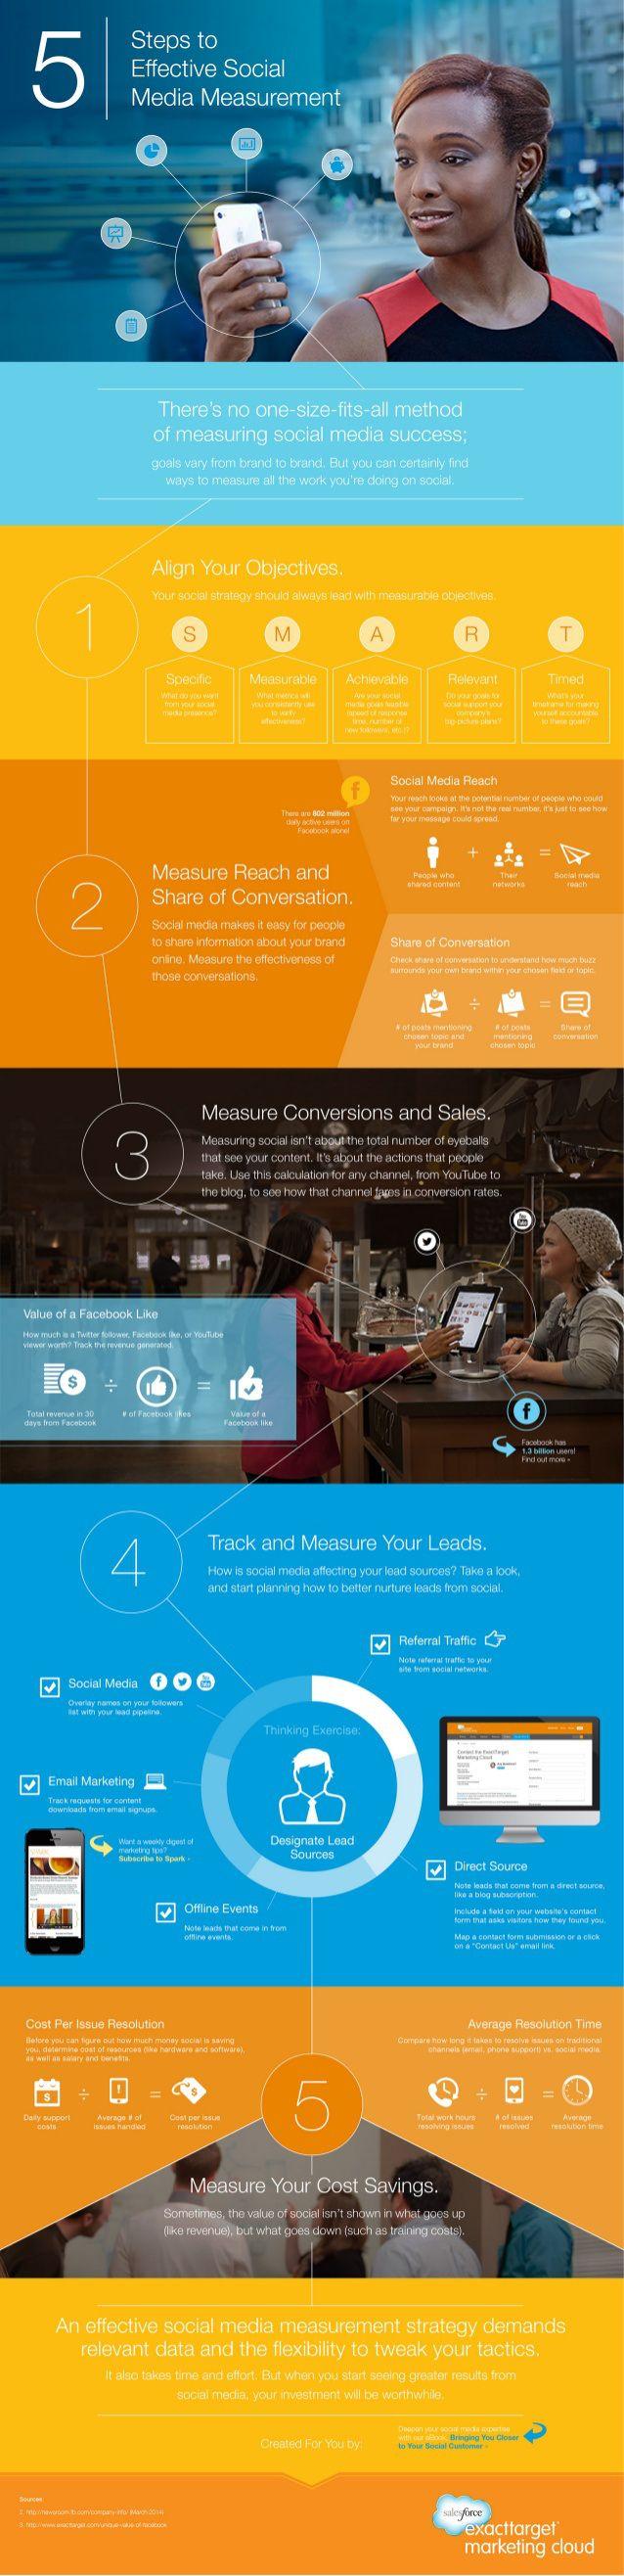 5 pasos para una buena medición de las redes sociales #infografia #infographic #socialmedia